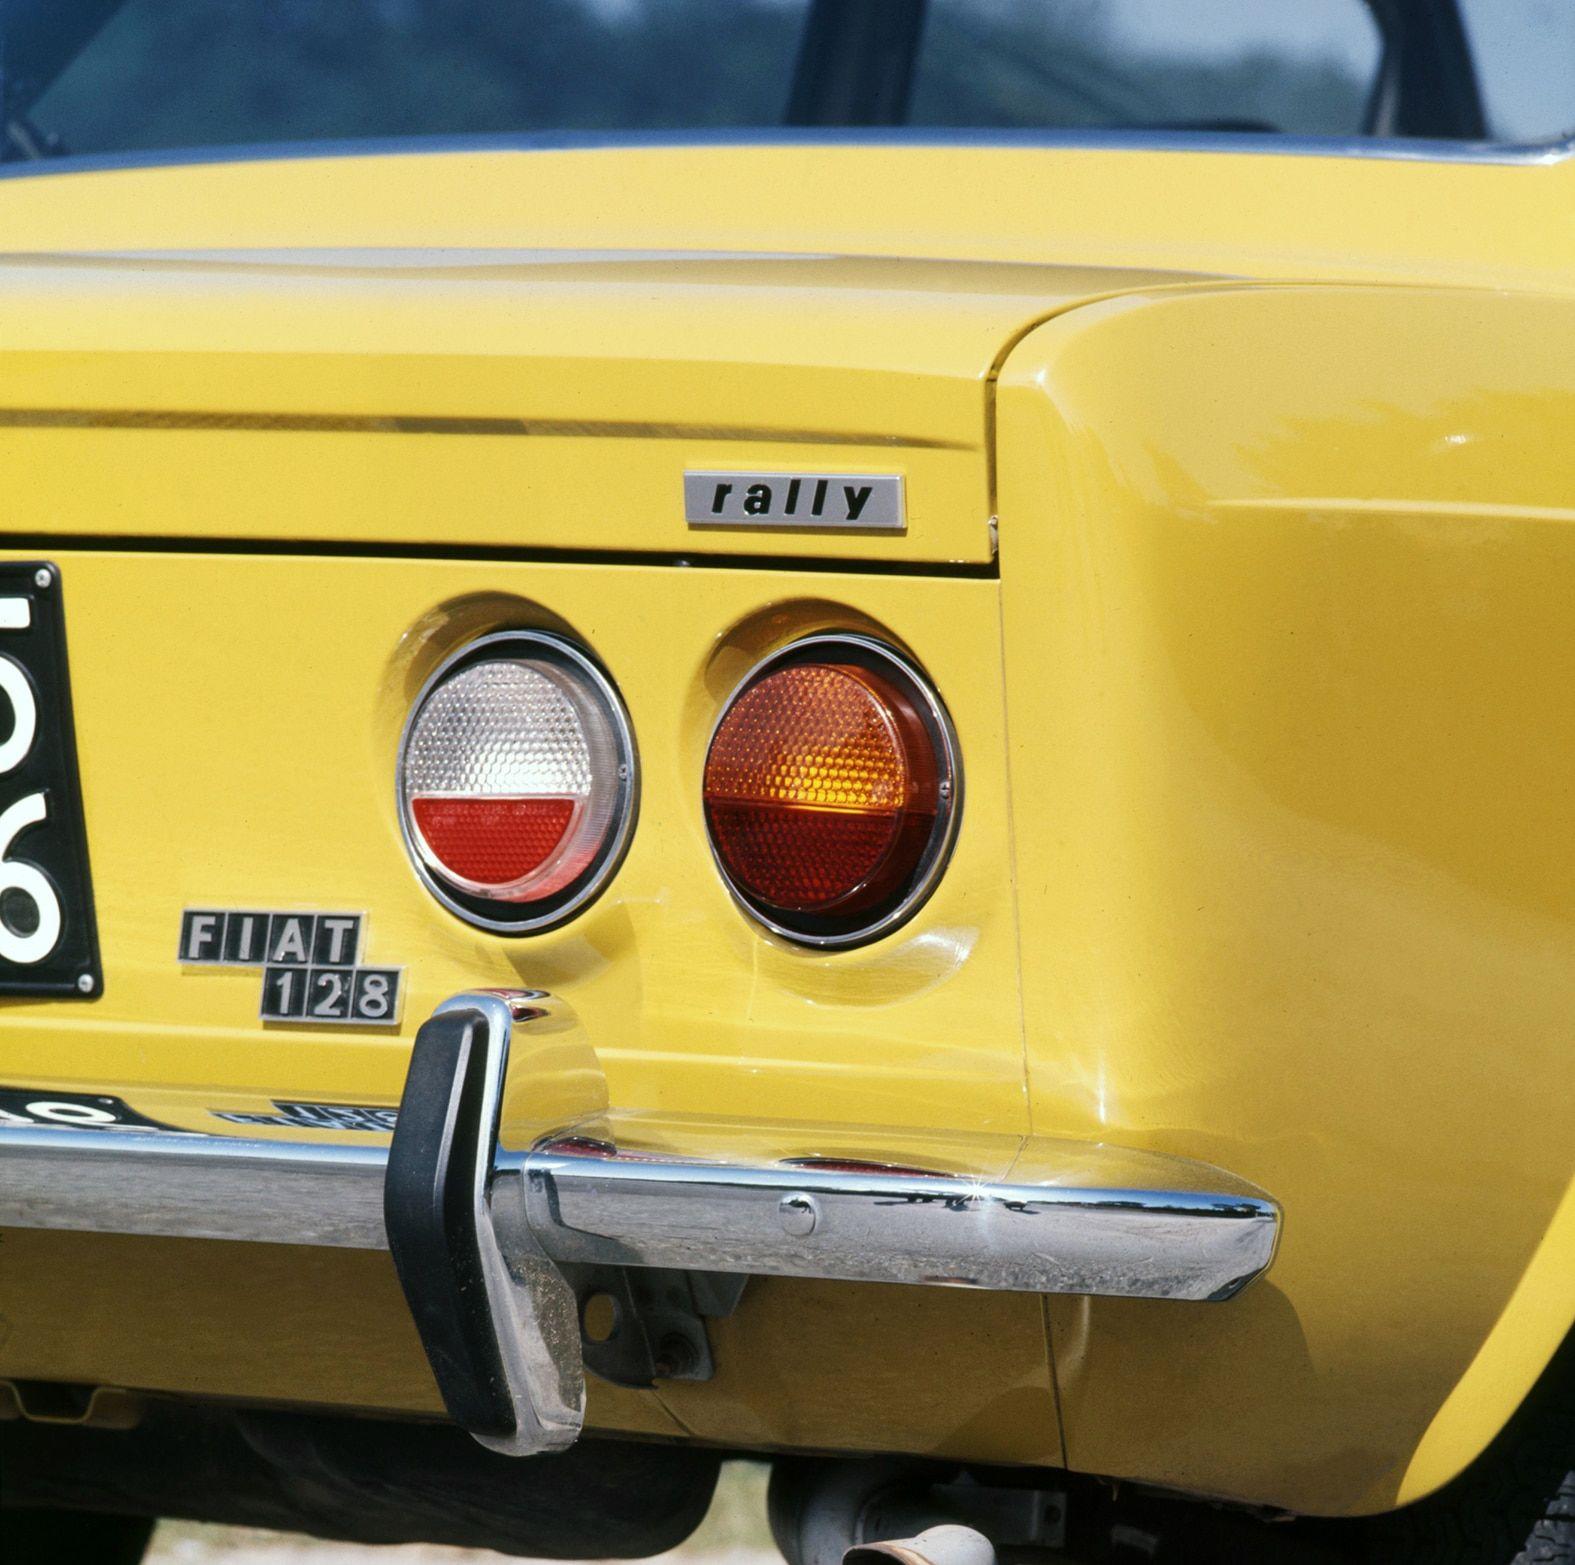 Fiat 128 Rally, c'è una piccola peste da corsa in città